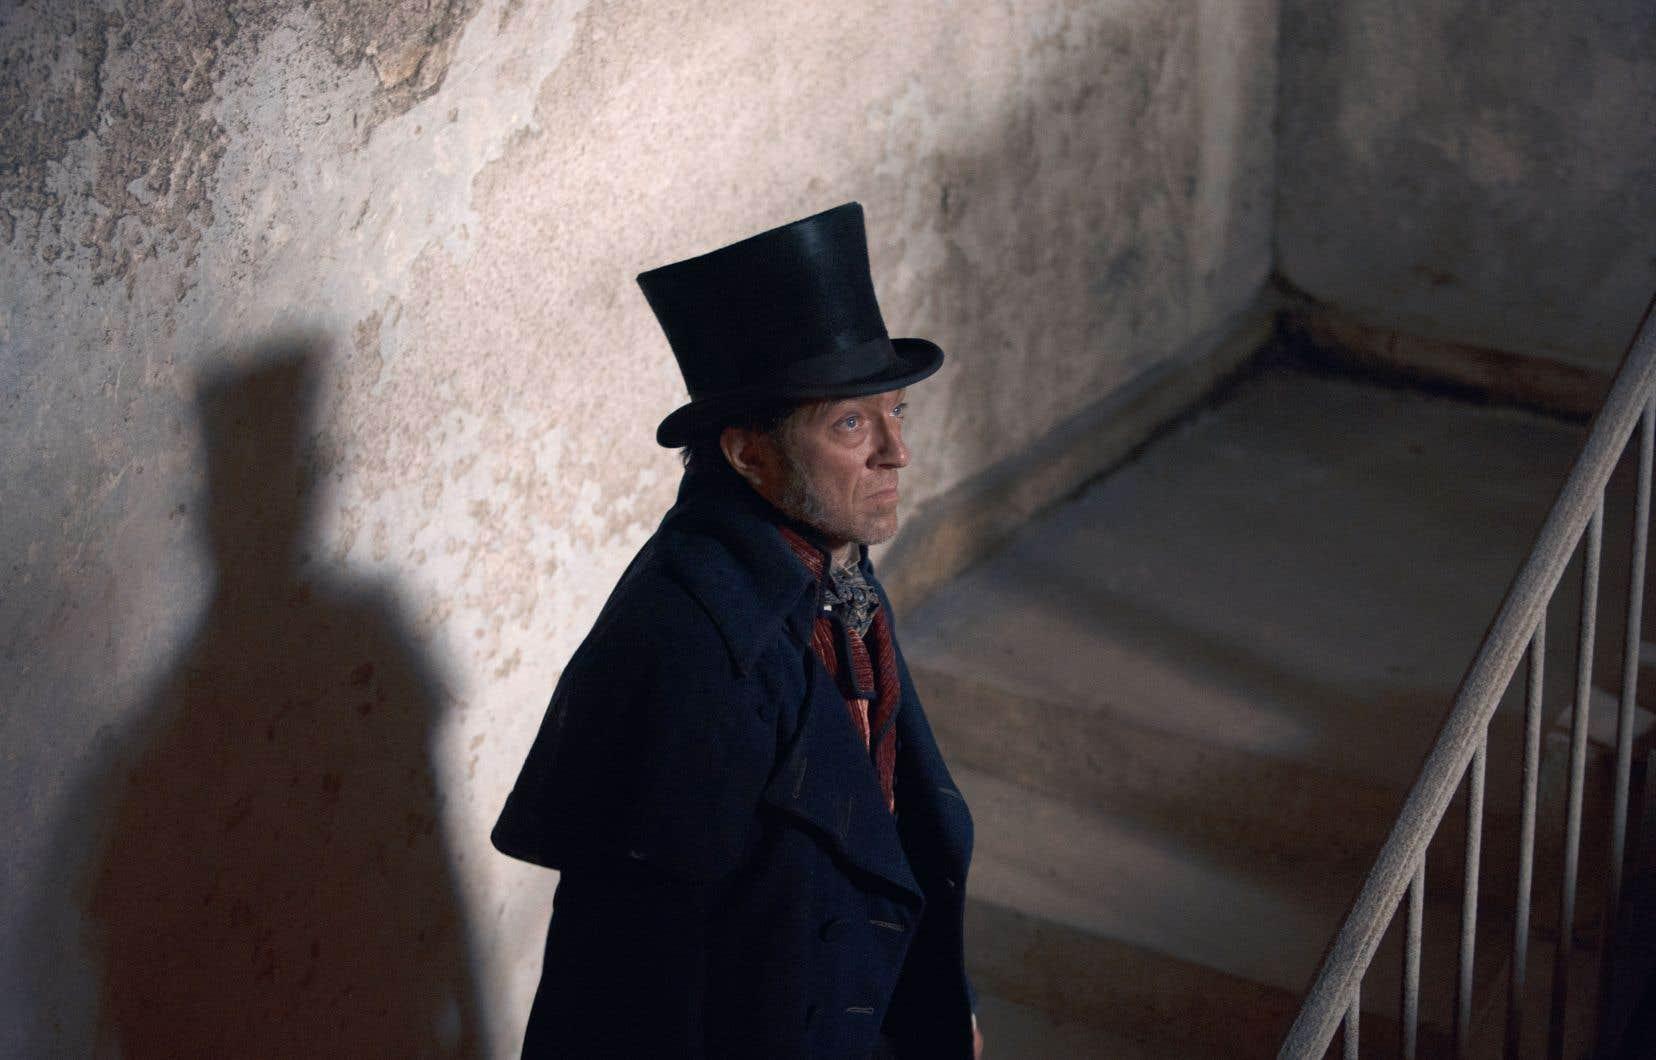 Le film de Jean-François Richet embrasse les années de bagne et une spectaculaire évasion.